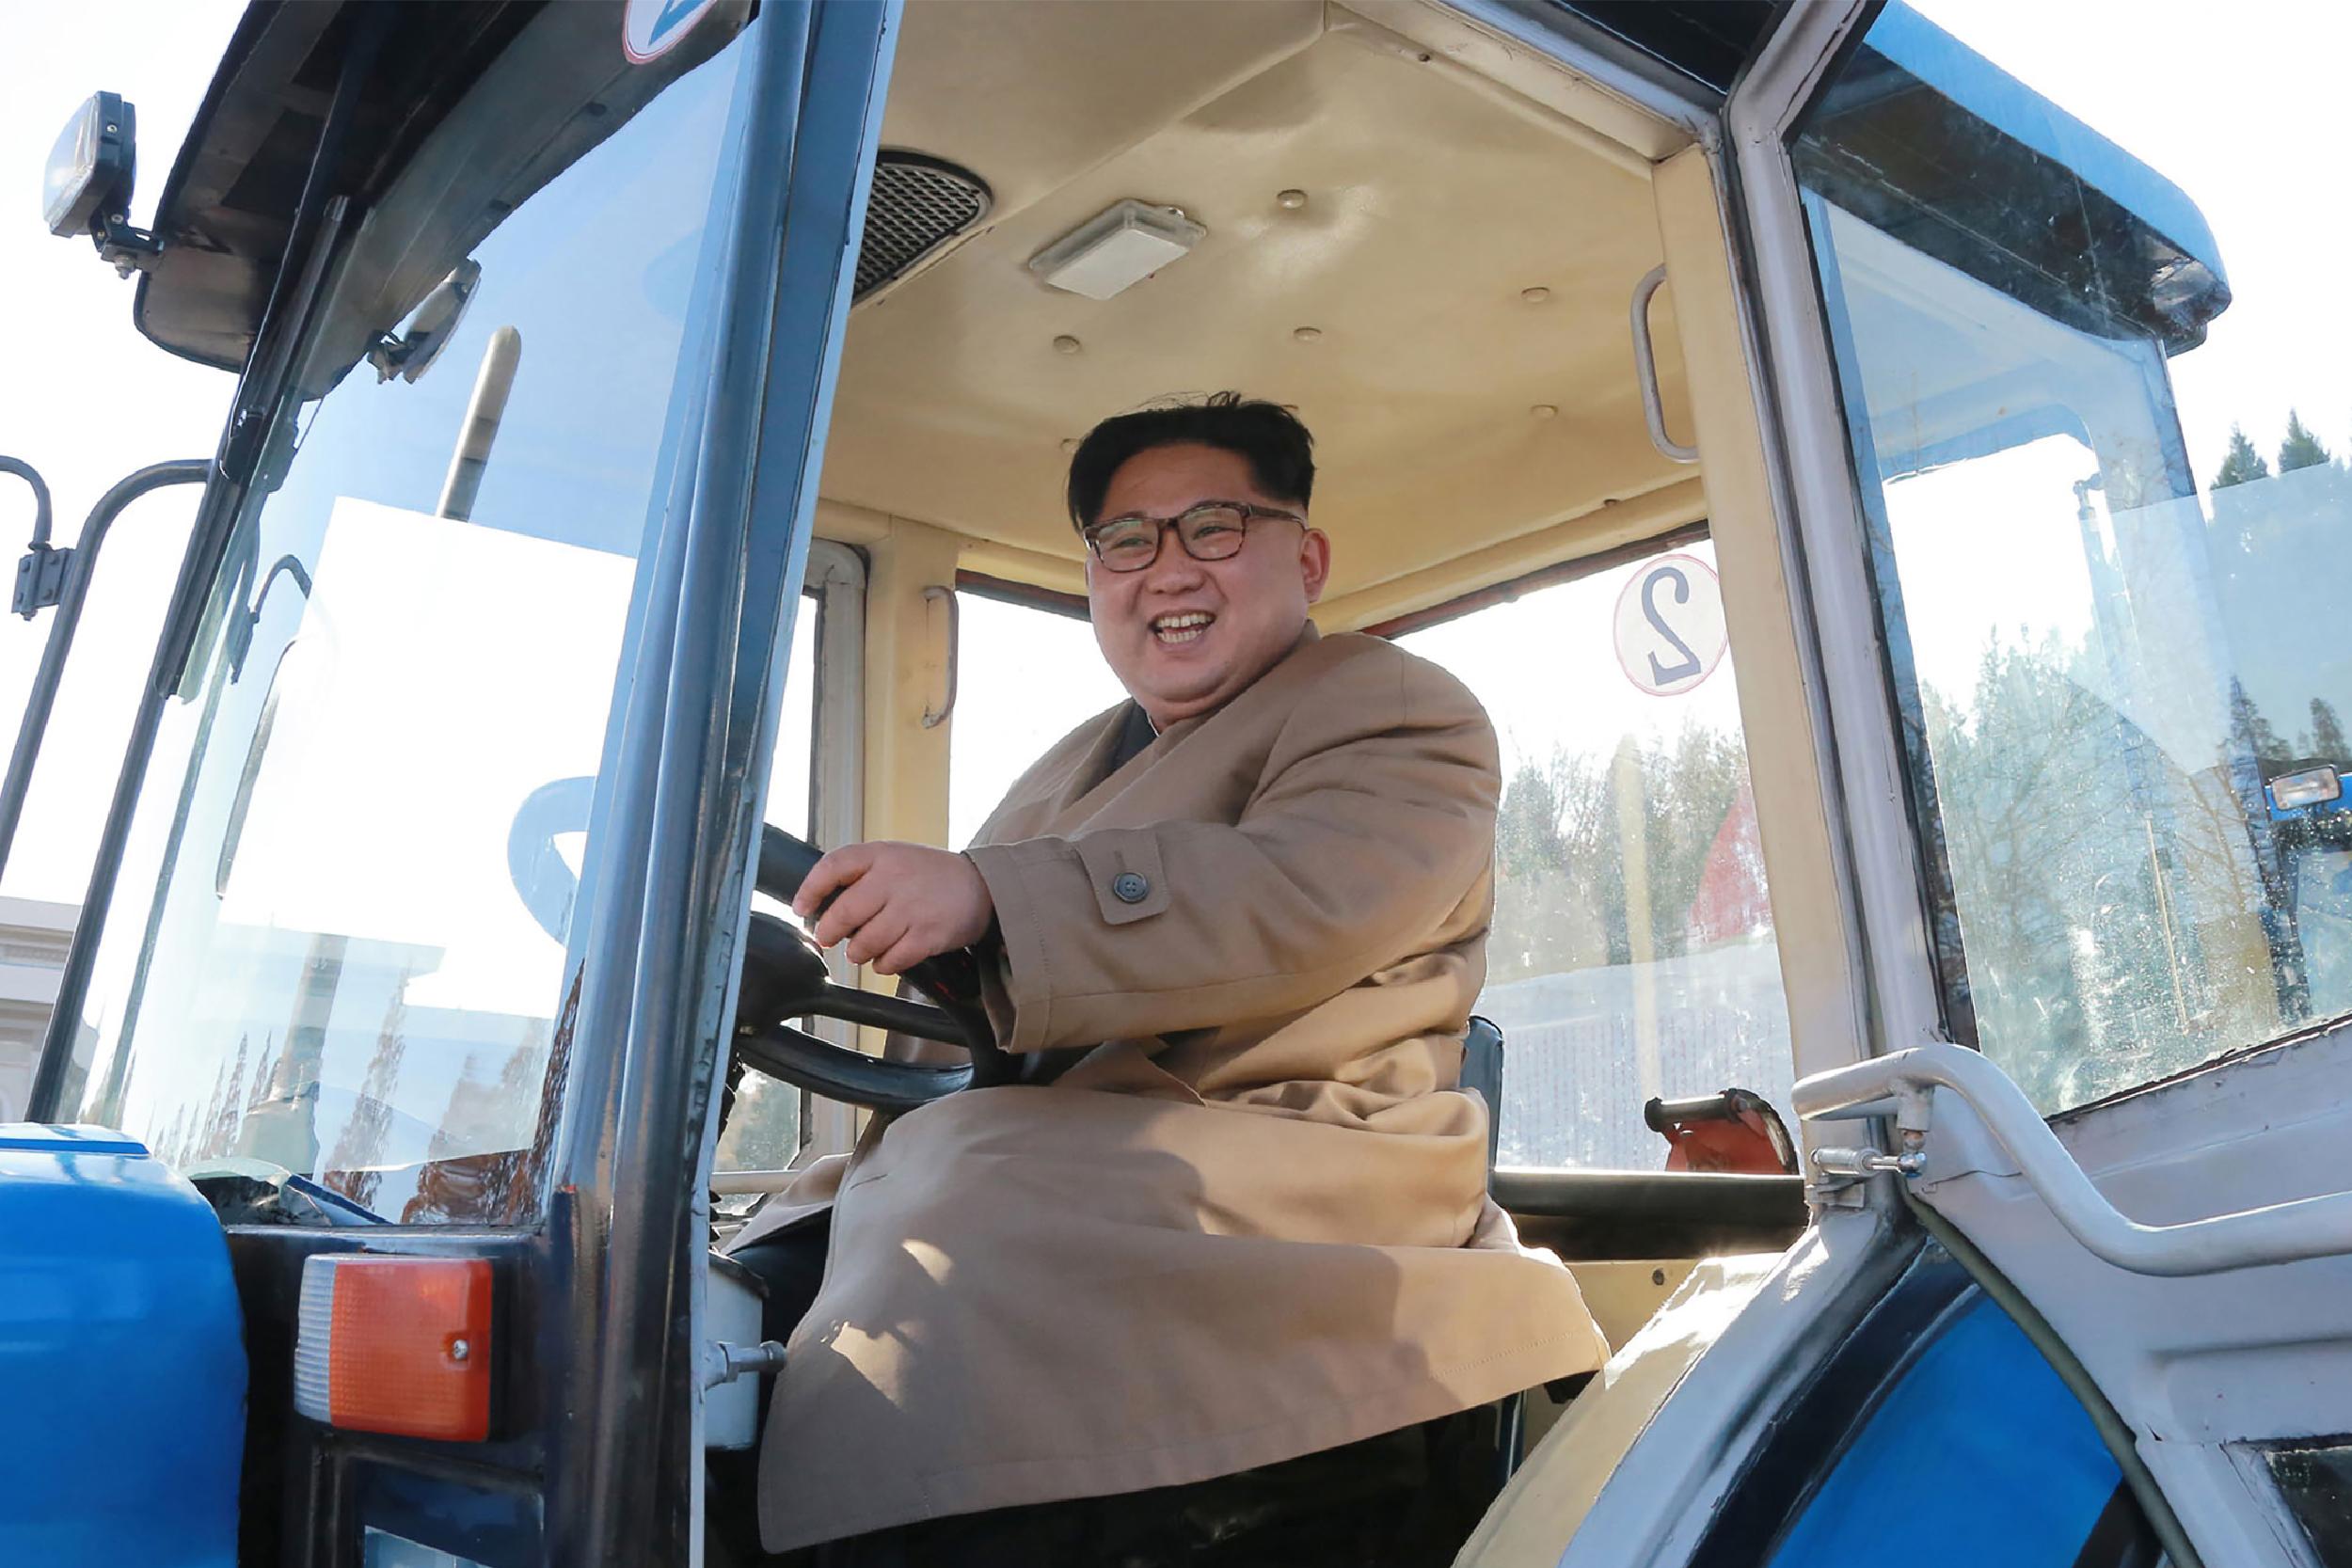 Haza kell küldeni az észak-koreai vendégmunkásokat, hogy ne tudják tovább pénzelni a rakétákkal kísérletező rezsimet